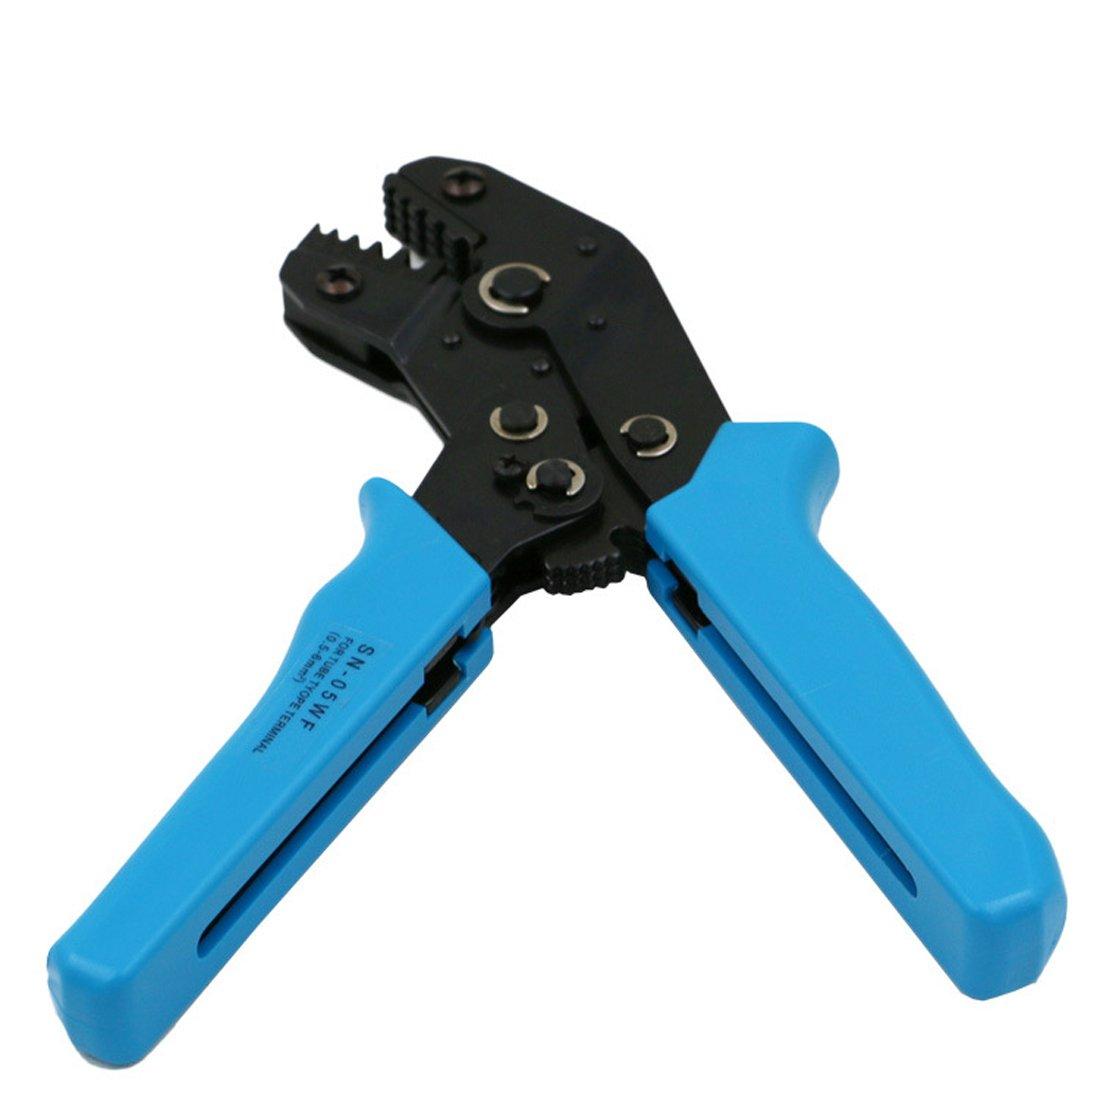 Crimpadora Cable Terminal crimpadora de trinquete 0,5 - 6 mm: Amazon.es: Bricolaje y herramientas